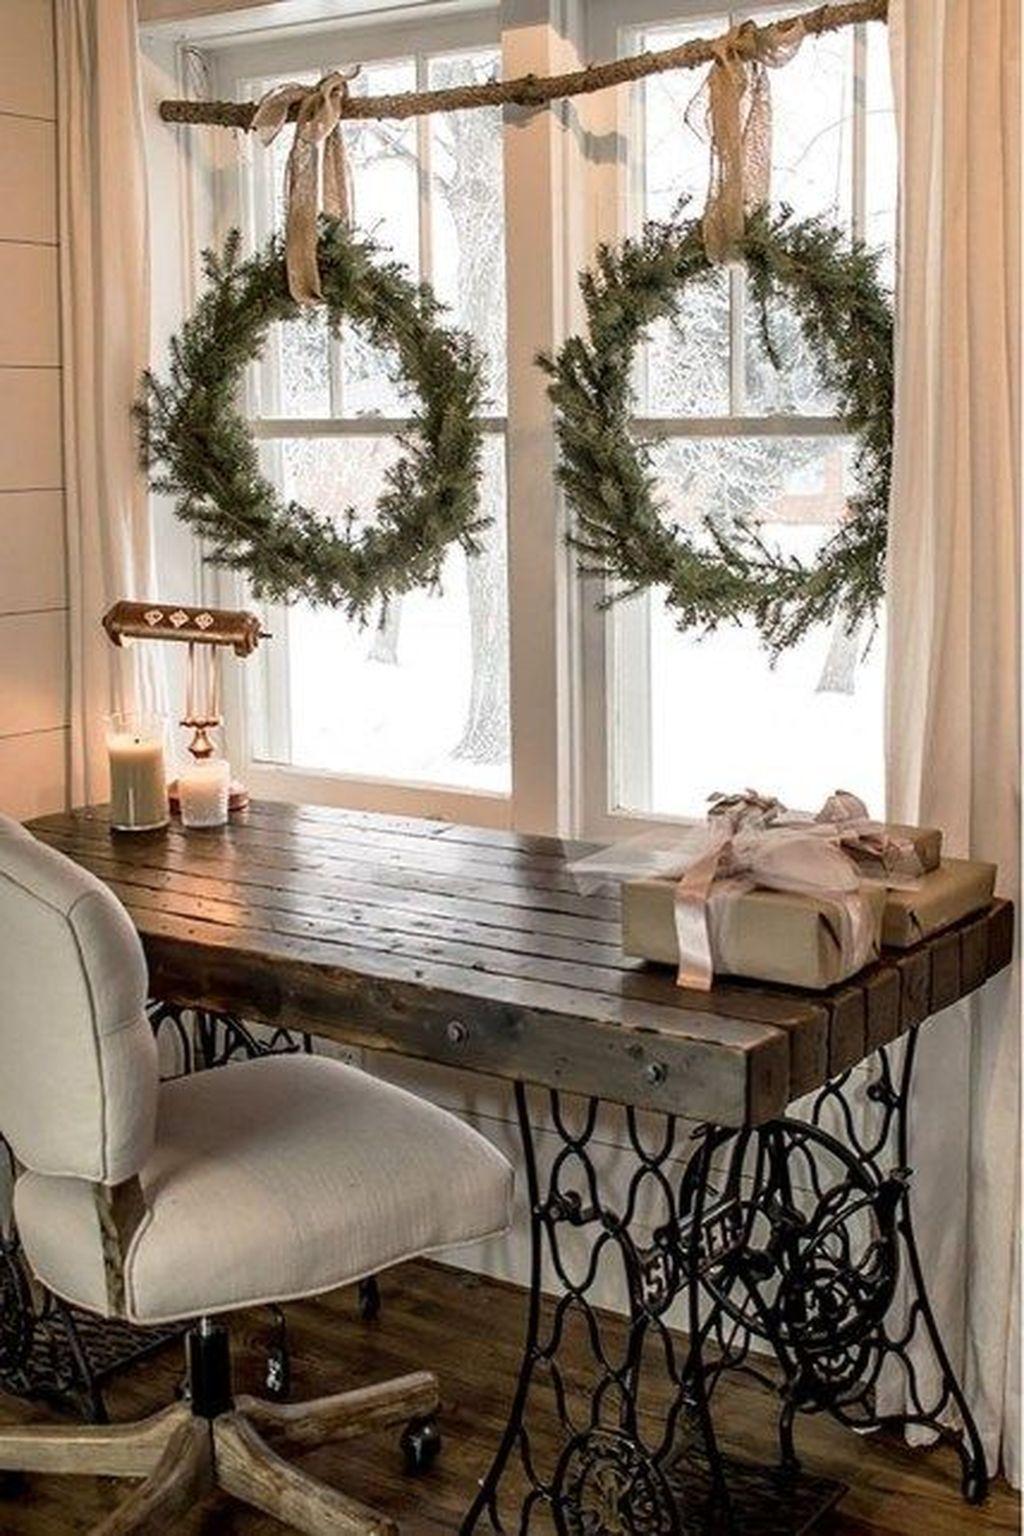 Fabulous Winter Home Decor Ideas You Should Copy Now 46